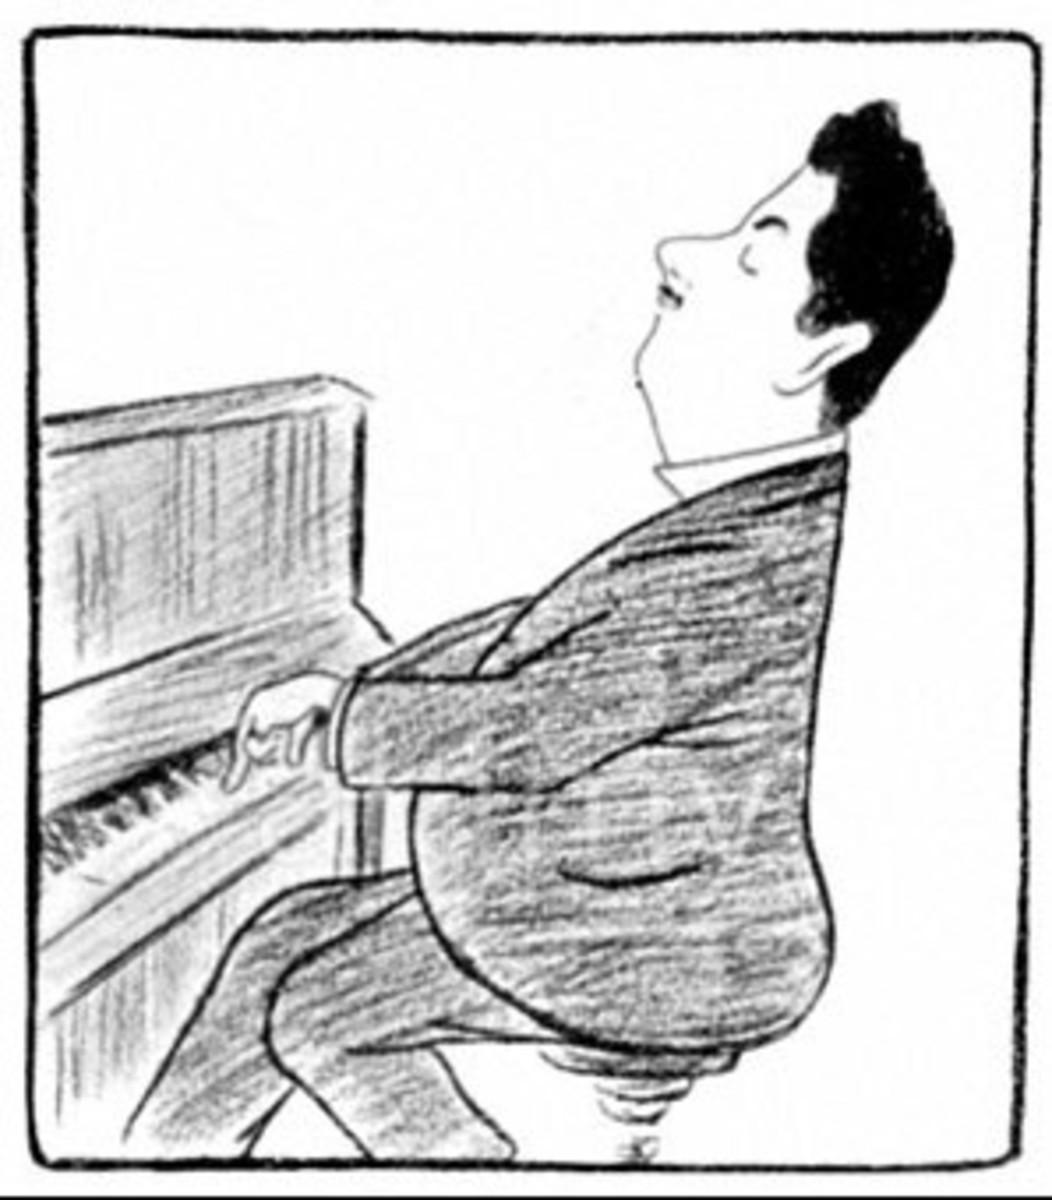 Cappiello's caricature of Puccini